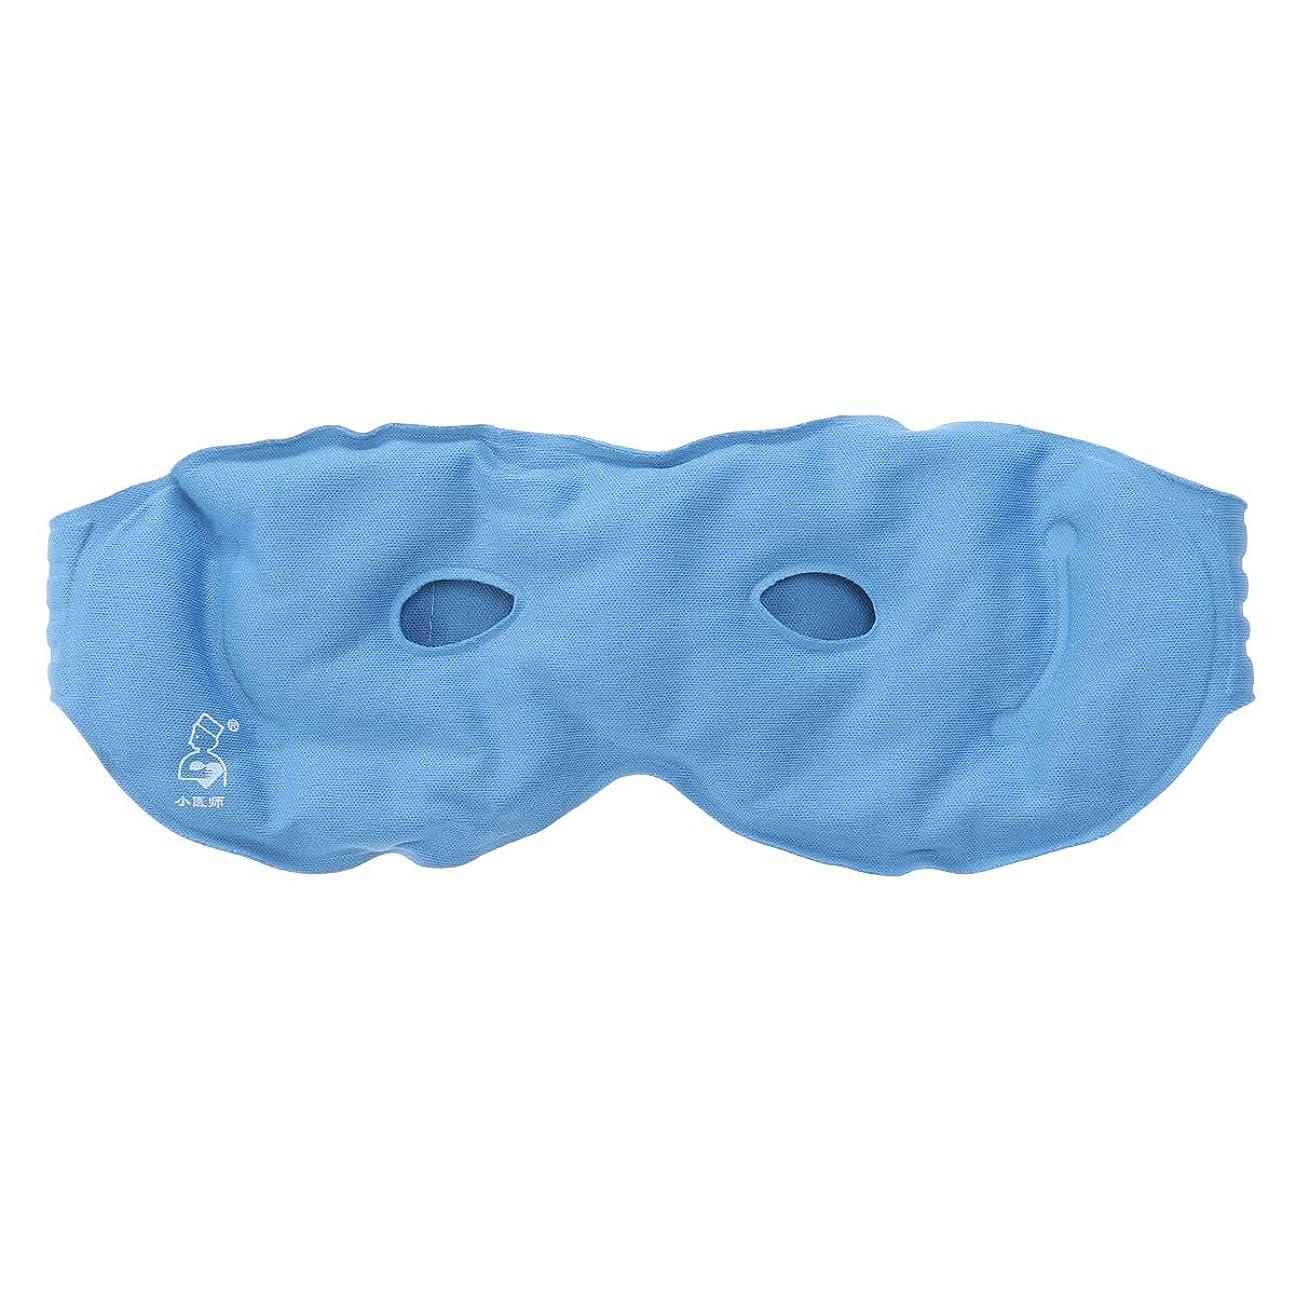 消毒するアデレード地下Healifty 冷やすアイマスクアイスコンプレッションバッグリラックス救済痛(青)